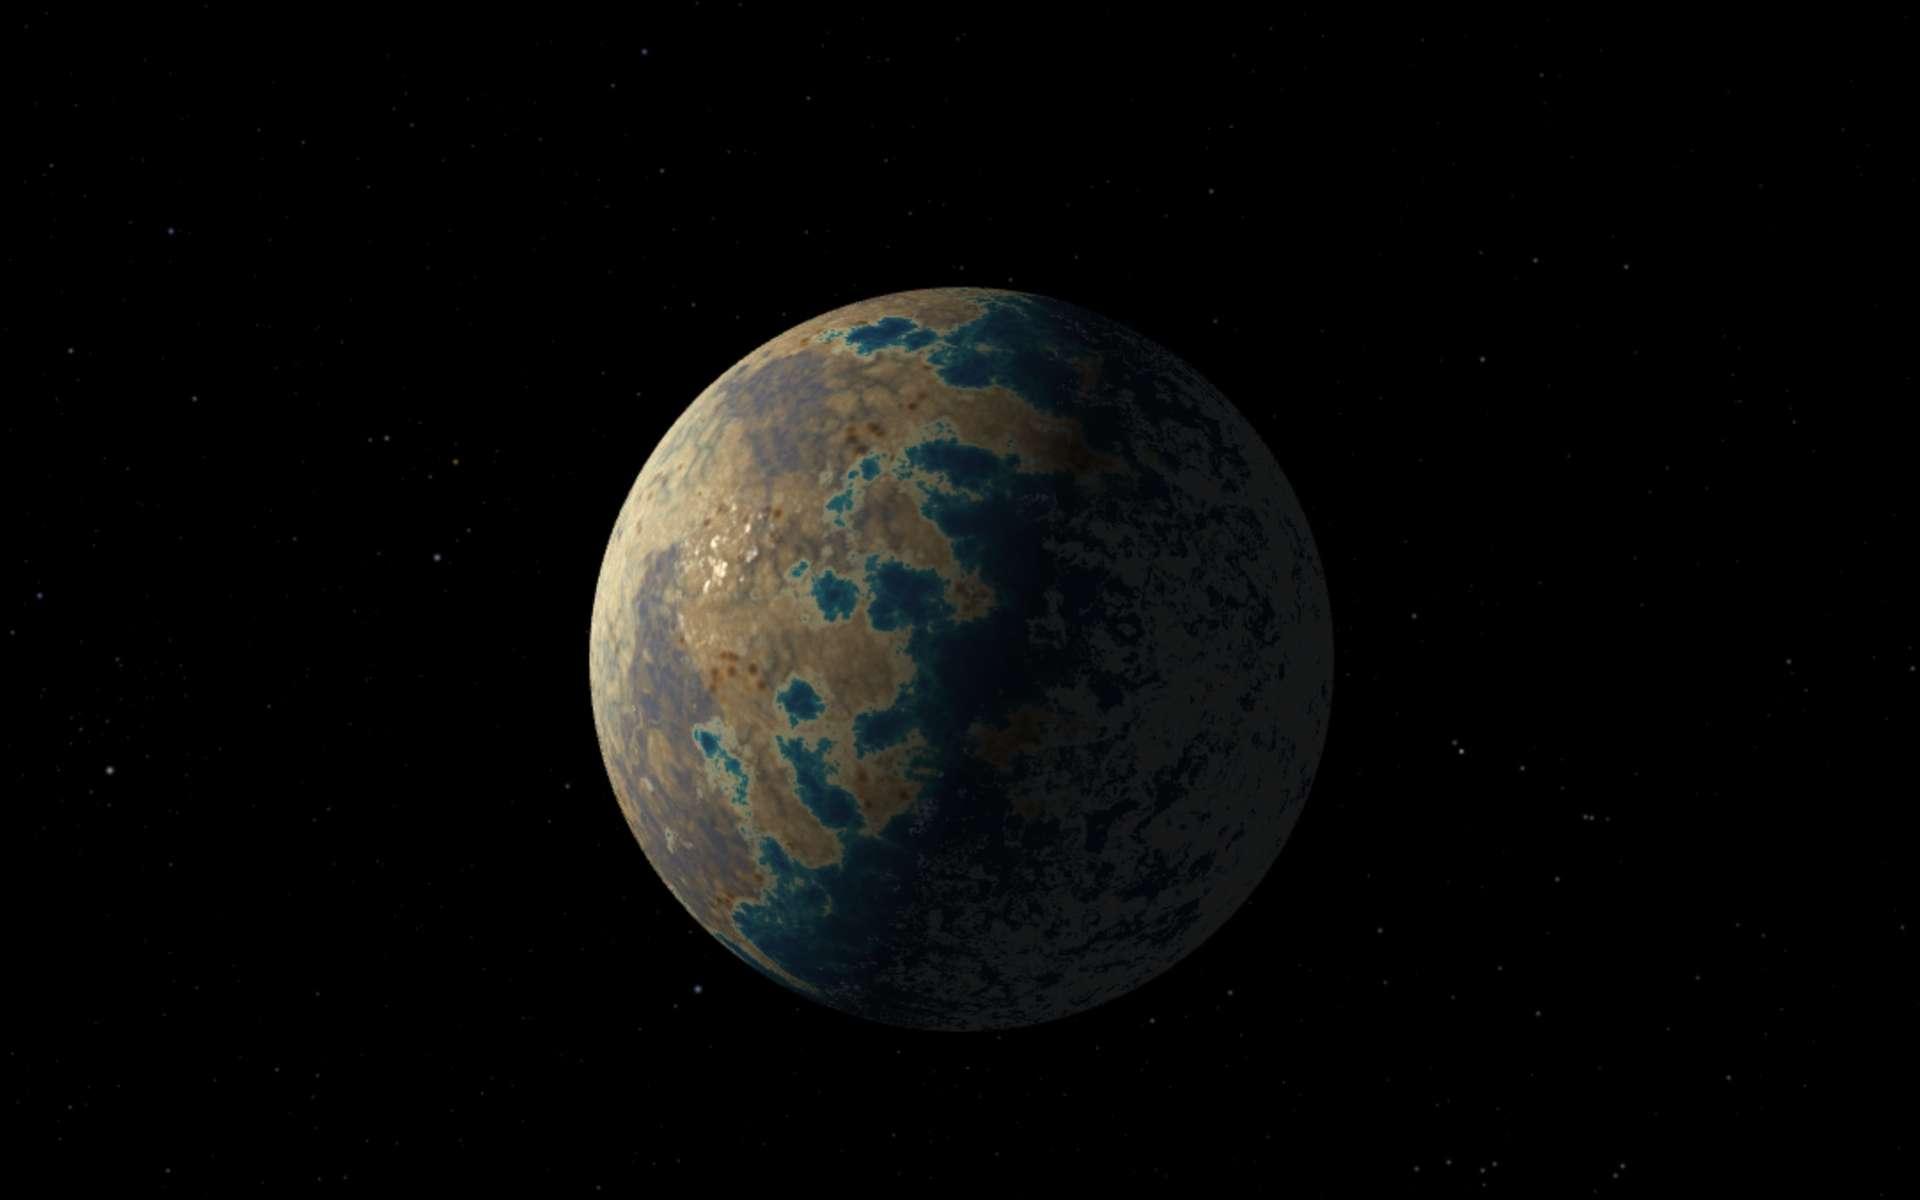 Illustration de Trappist-1d, planète rocheuse autour de l'étoile Trappist-1, découverte en mai 2016. © Nasa, JPL-Caltech